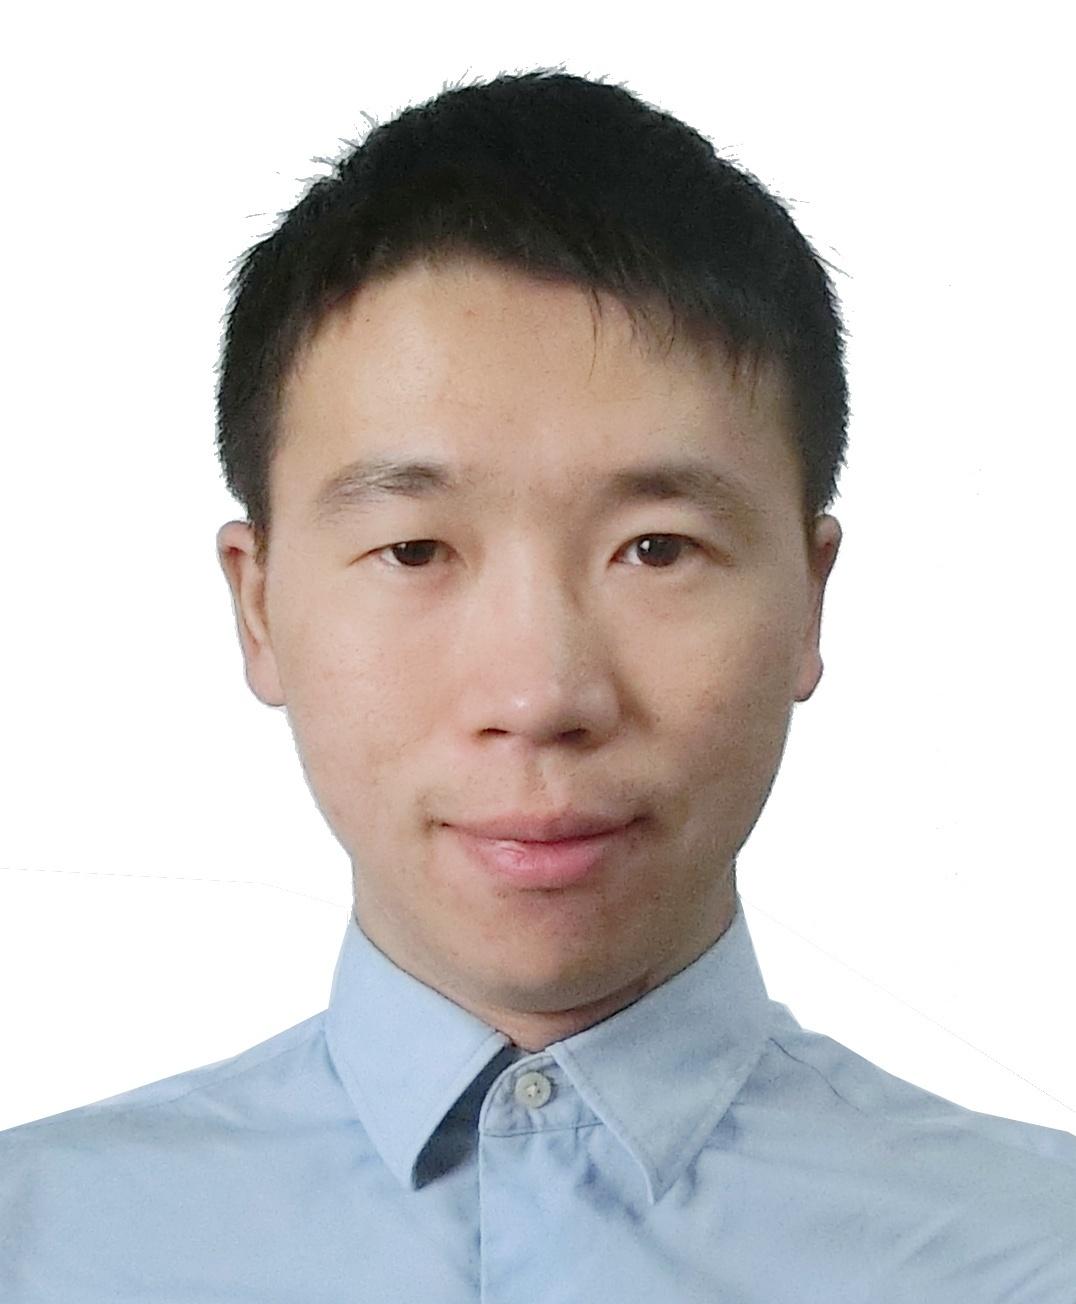 大昌华嘉科学仪器部应用专家,从事微纳米颗粒粒度表征产品的应用开发与技术推广工作,在颗粒表征及应用开发方面有丰富经验。